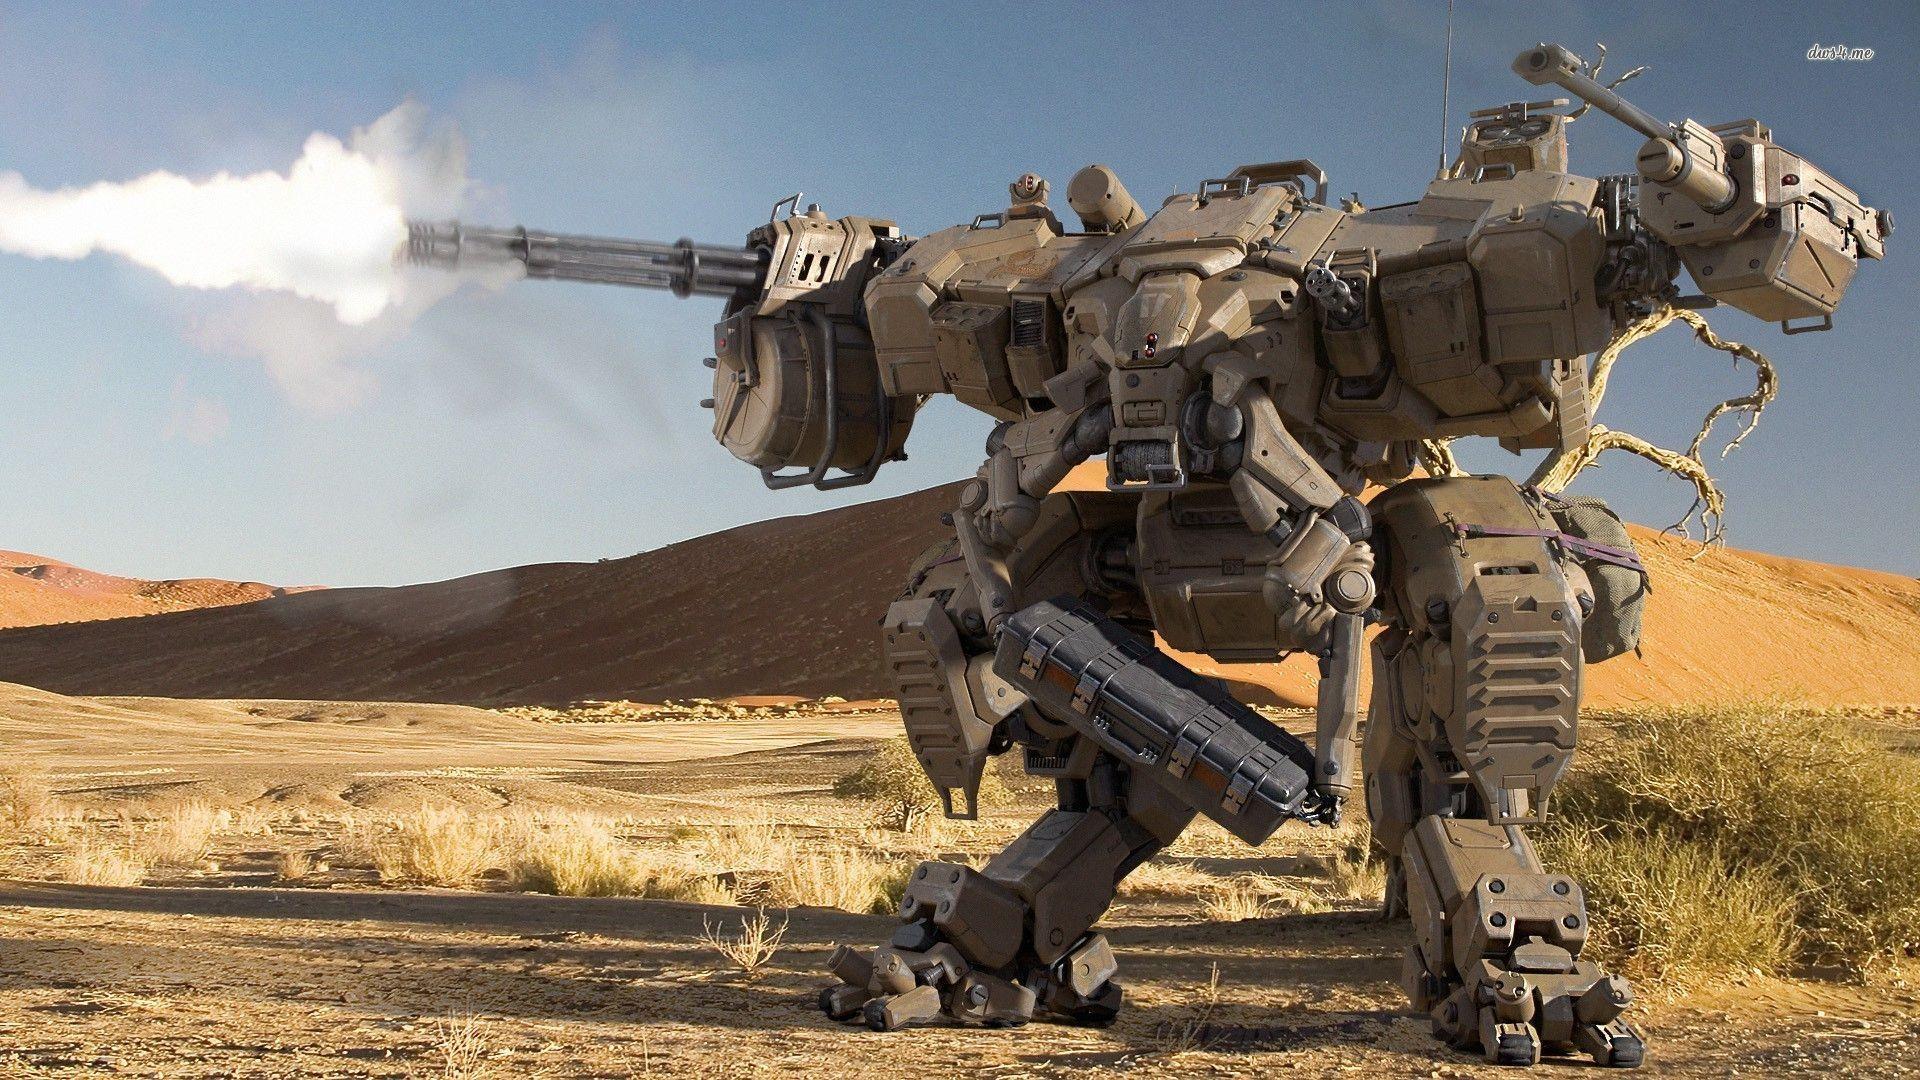 wallpaper 1680×1050 MechWarrior – BattleTech wallpaper more .